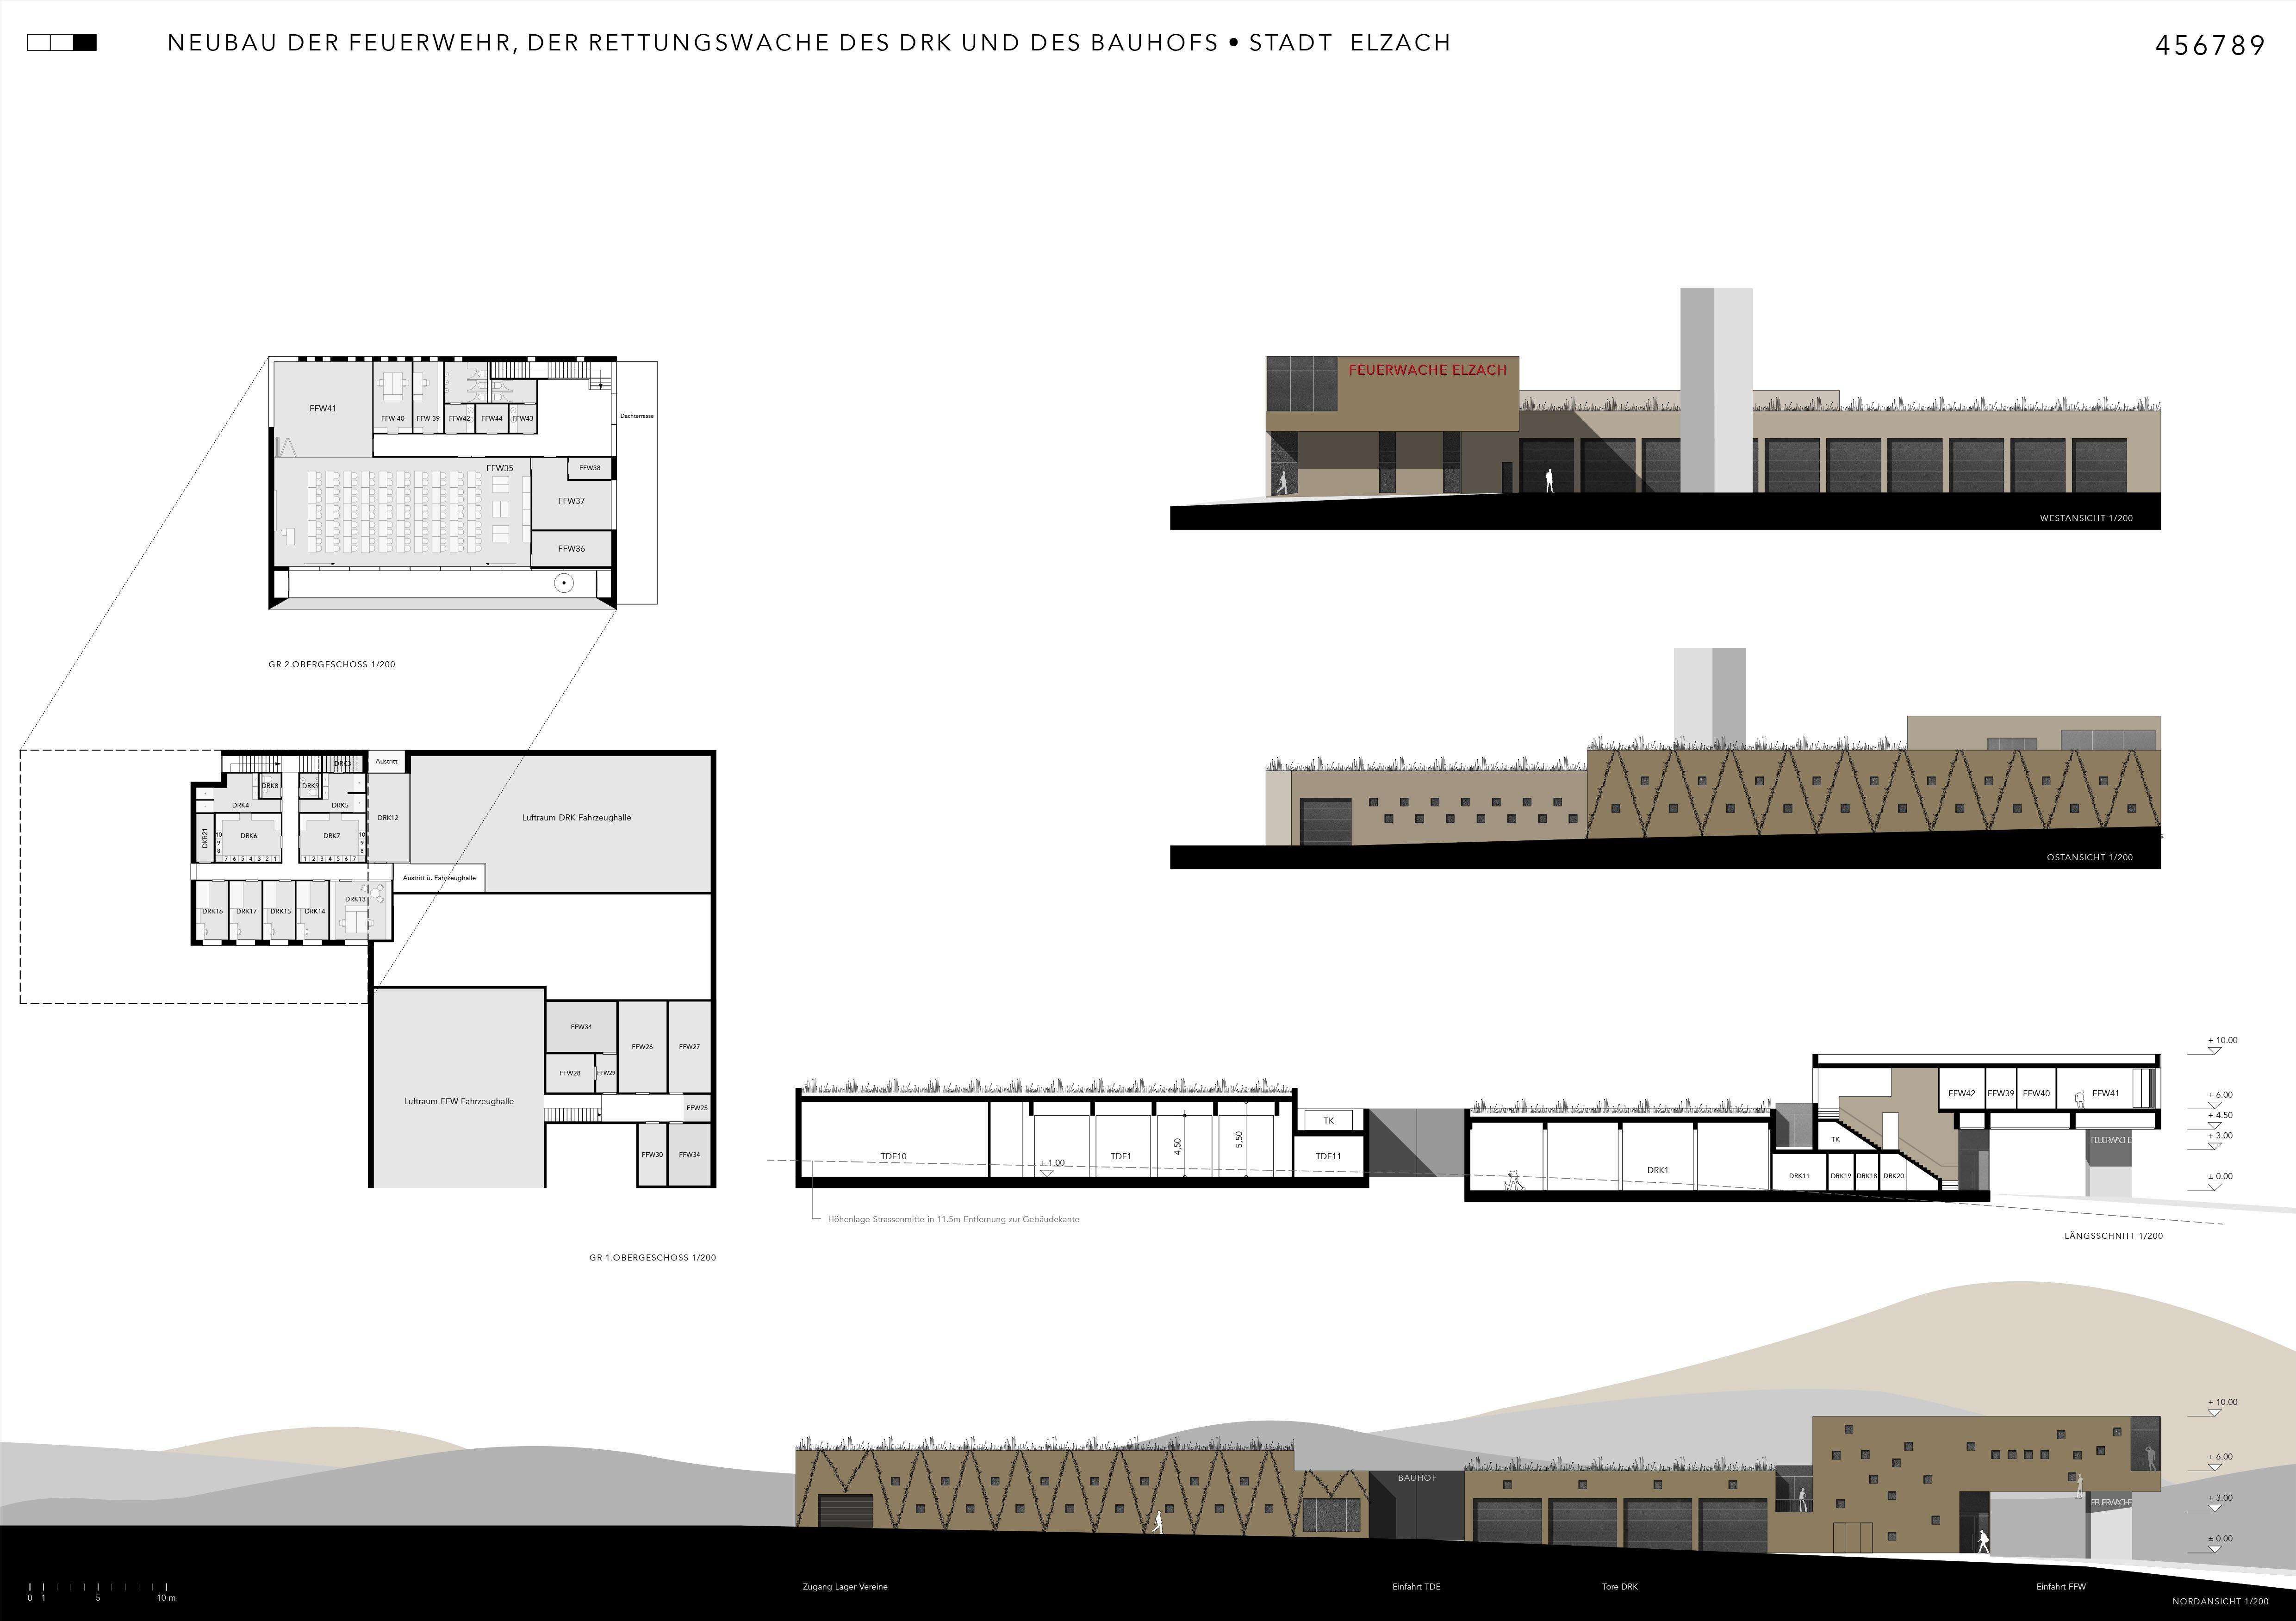 Neubau der Feuerwehr, der Rettungswache des DRK und des